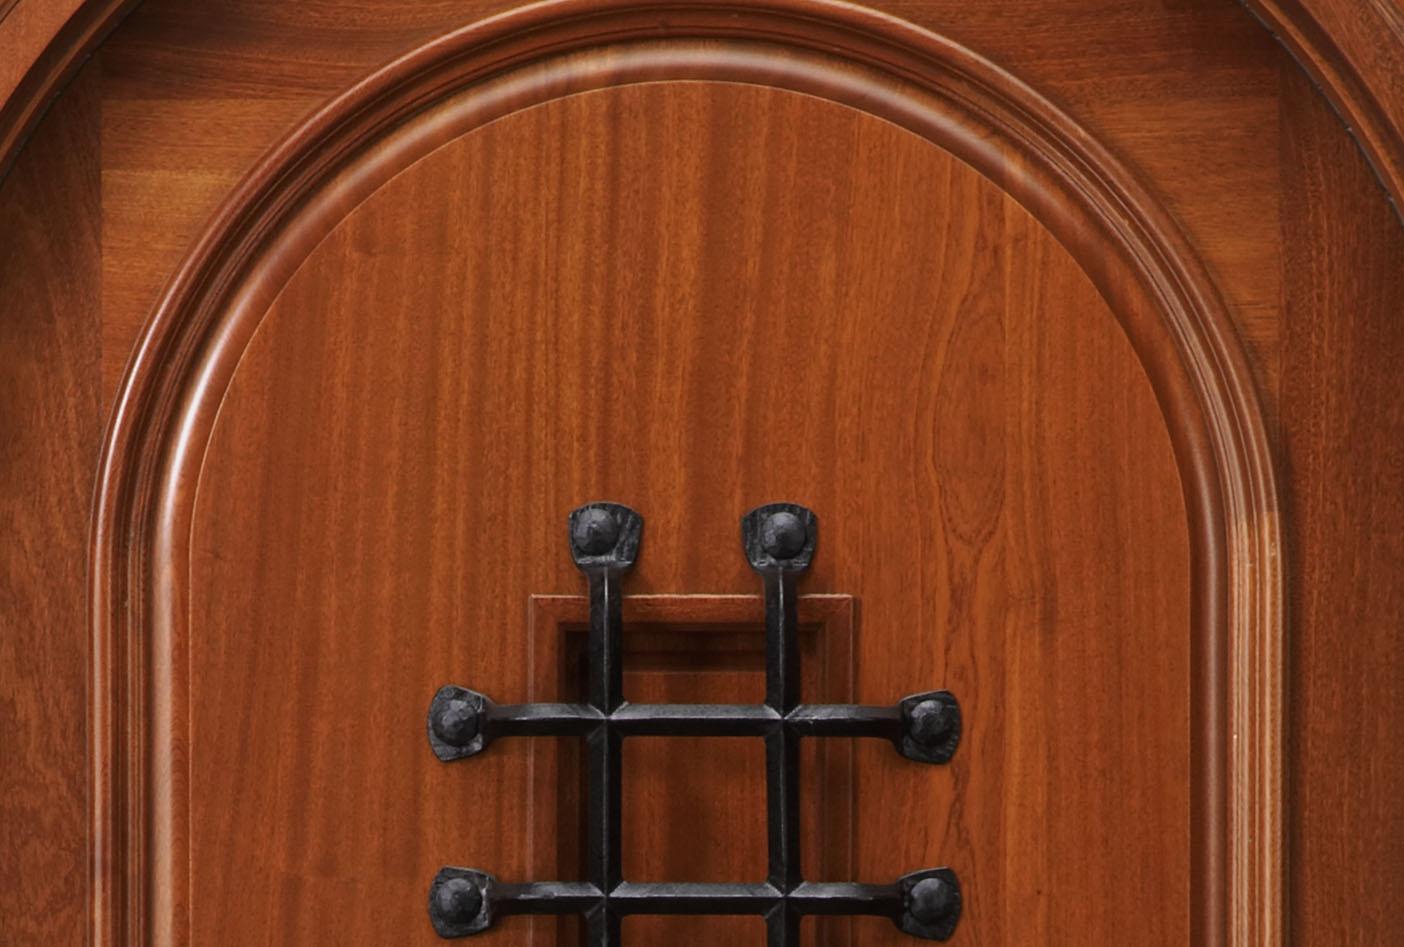 947 #833C1B RT2 Speakeasy African Mahogany Door Radius Top Door wallpaper Radius Top Entry Doors 38951404